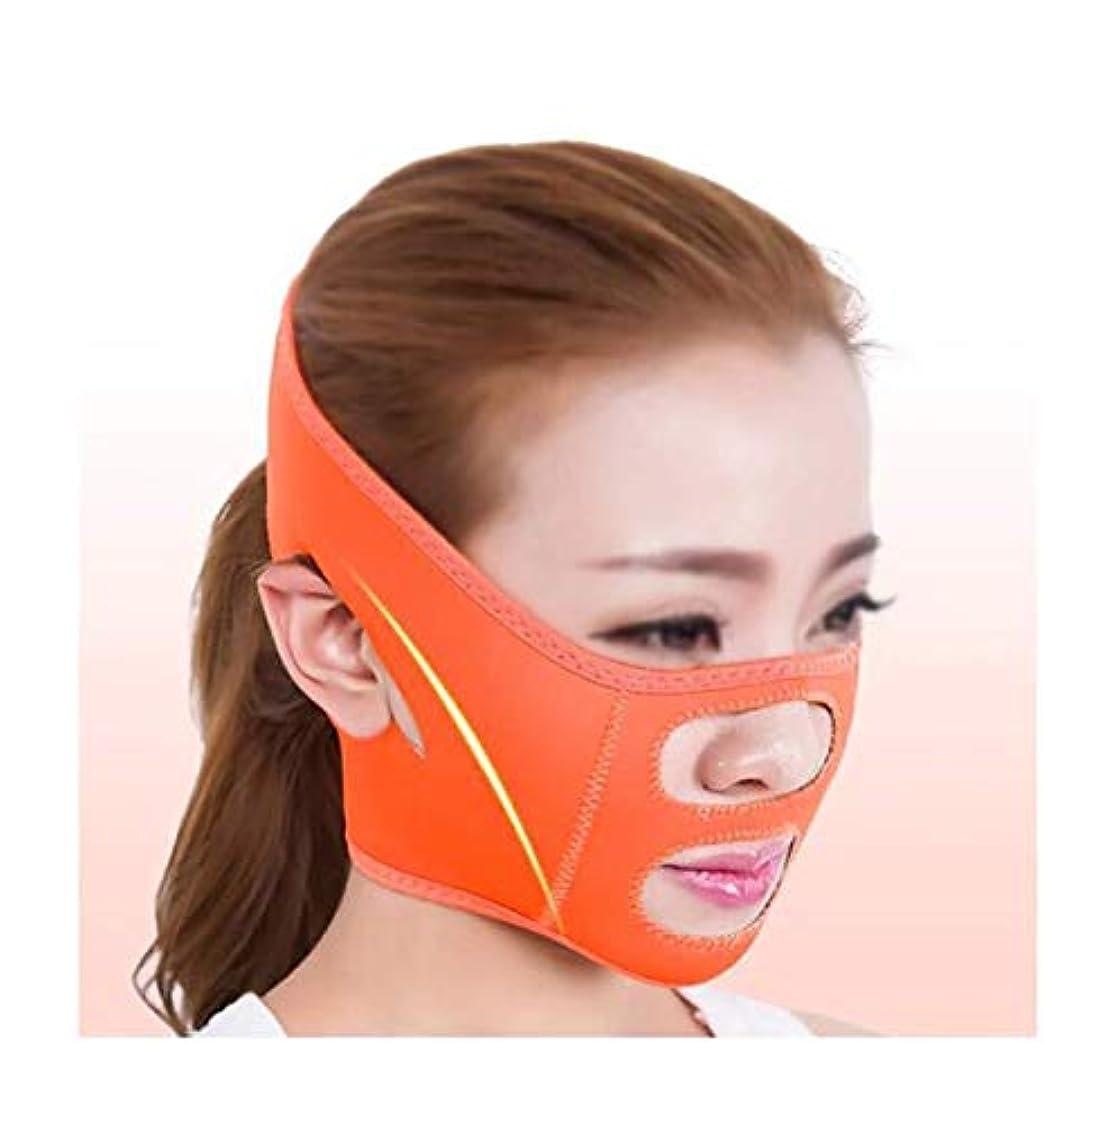 有効化モザイク余計なファーミングフェイスマスク、術後リフティングマスクホームバンデージシェーキングネットワークレッドメスVフェイスステッカーストラップインストゥルメントフェイスアーティファクト(色:青)